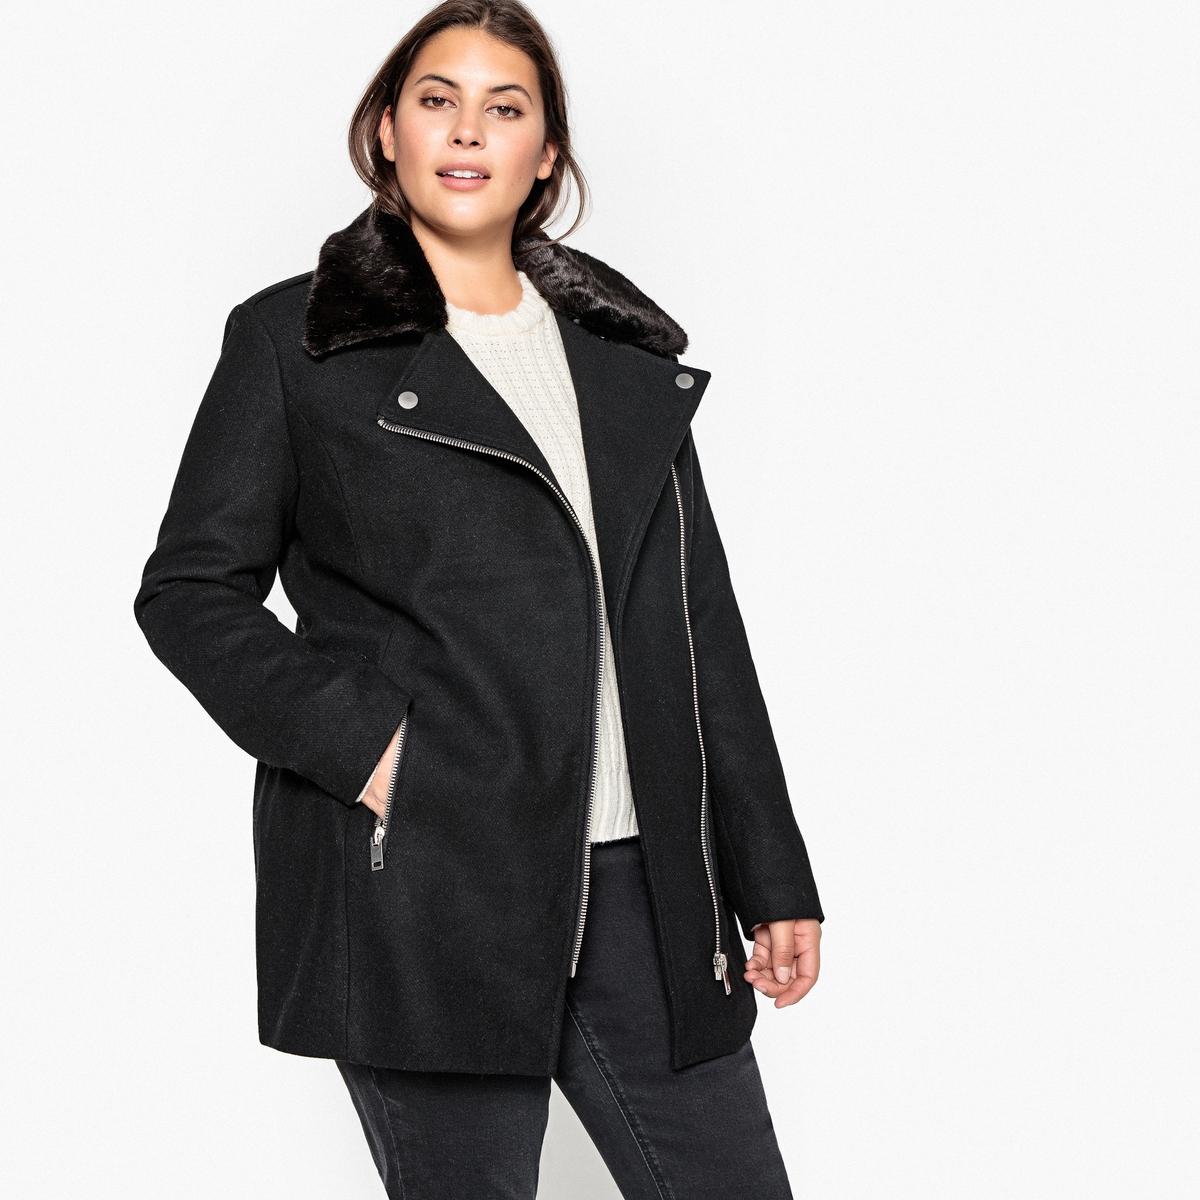 Пальто короткое из шерстяного драпа с застежкой на молнию пальто шинель из шерстяного драпа